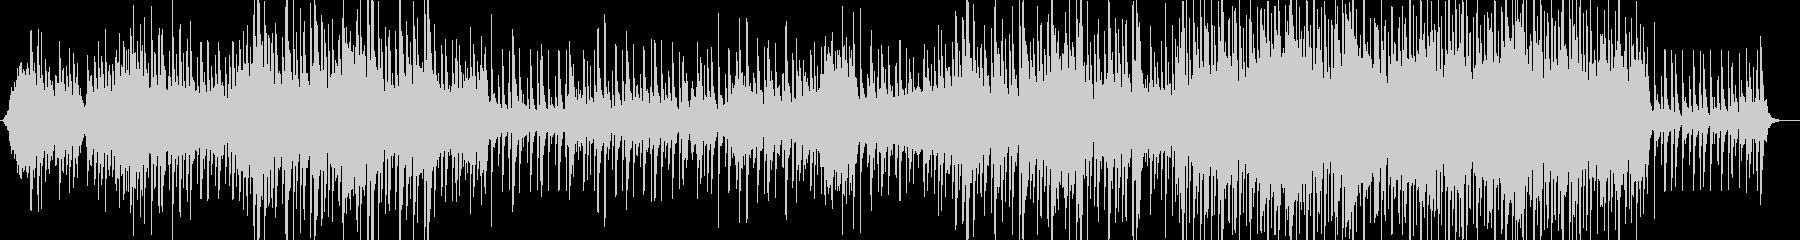 凛としたイメージの和風BGMの未再生の波形